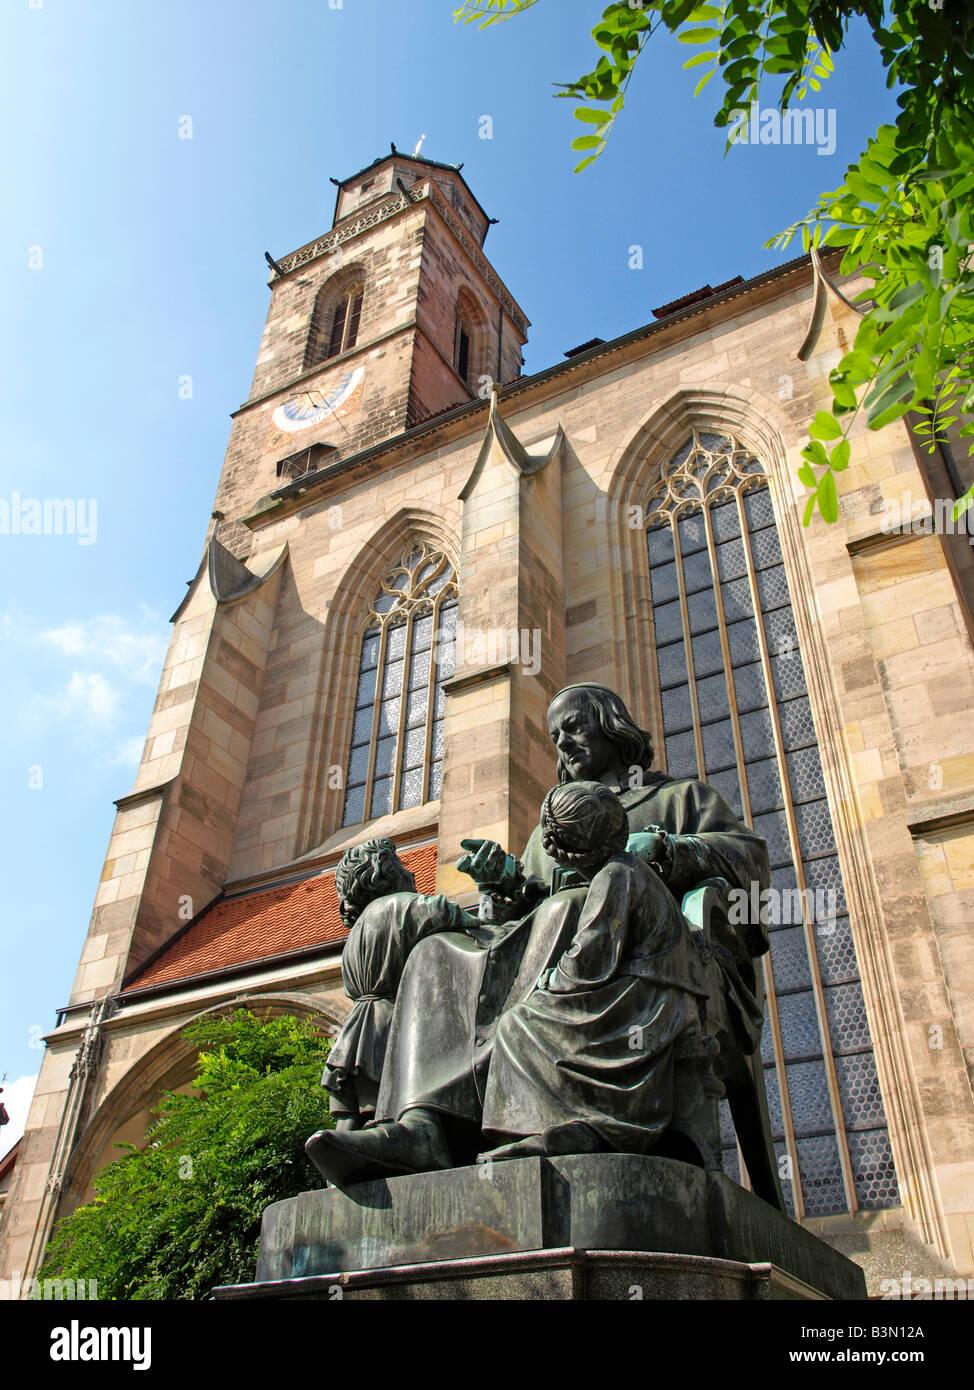 Deutschland, Bayern, Dinkelsbuehl, Old town of Dinkelsbuehl, Bavaria, Germany - Stock Image